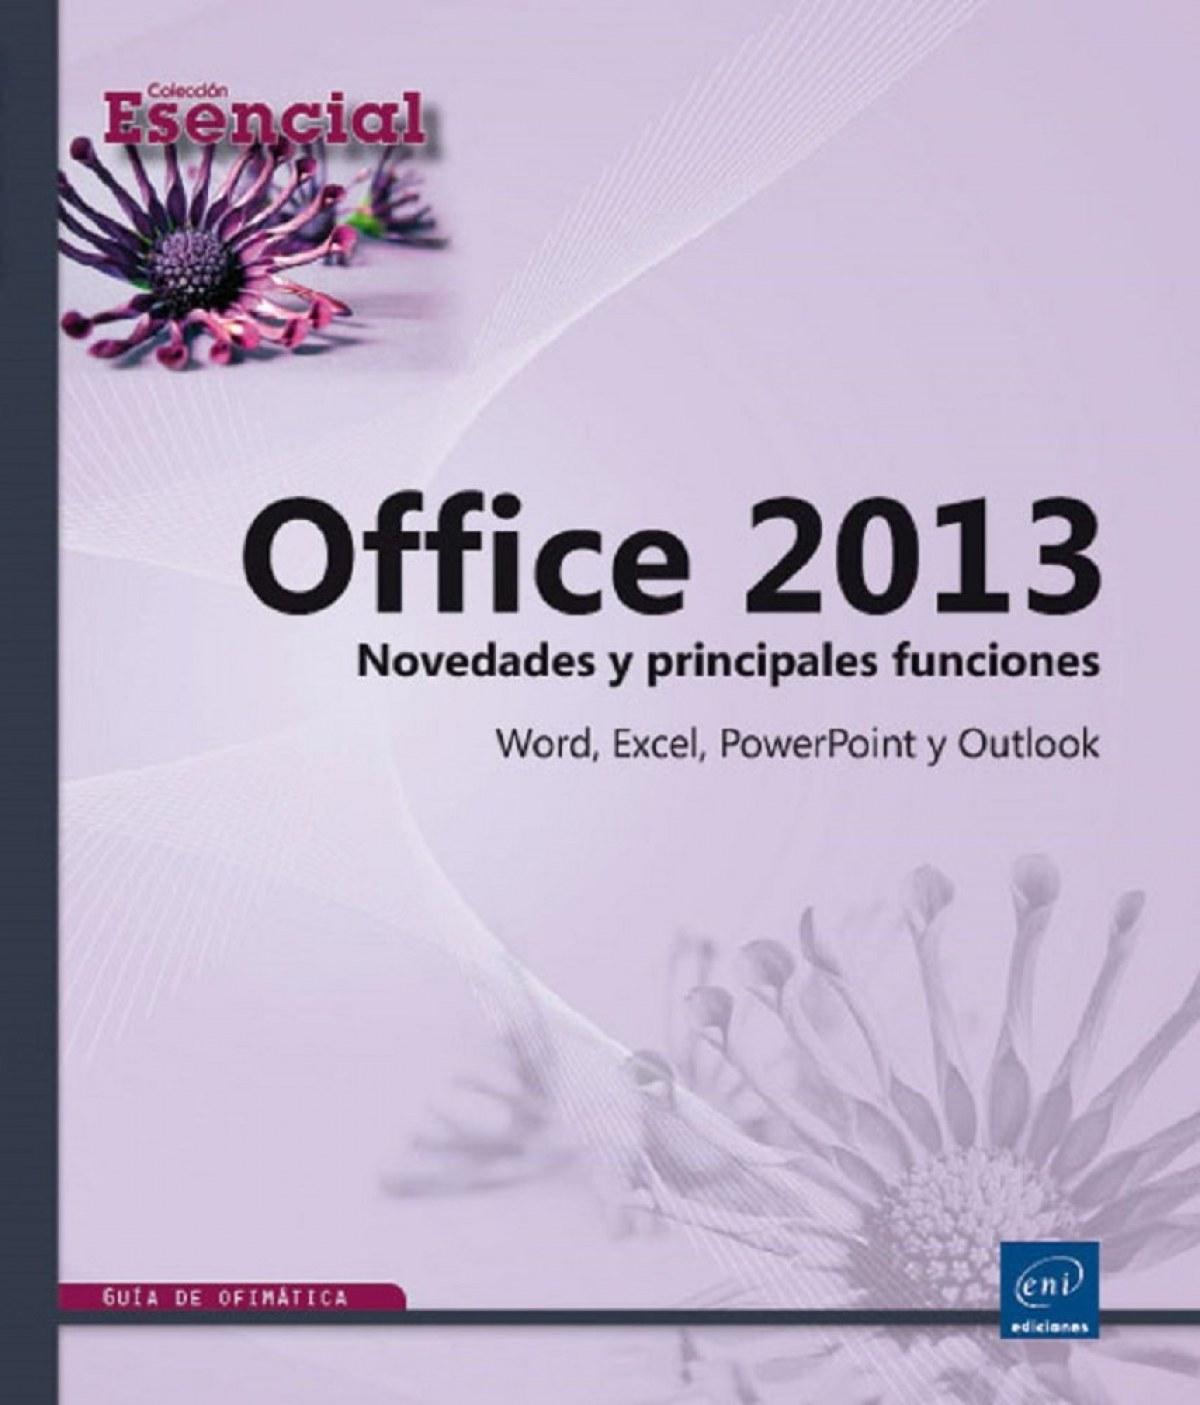 Esencial Office 2013 - Novedades